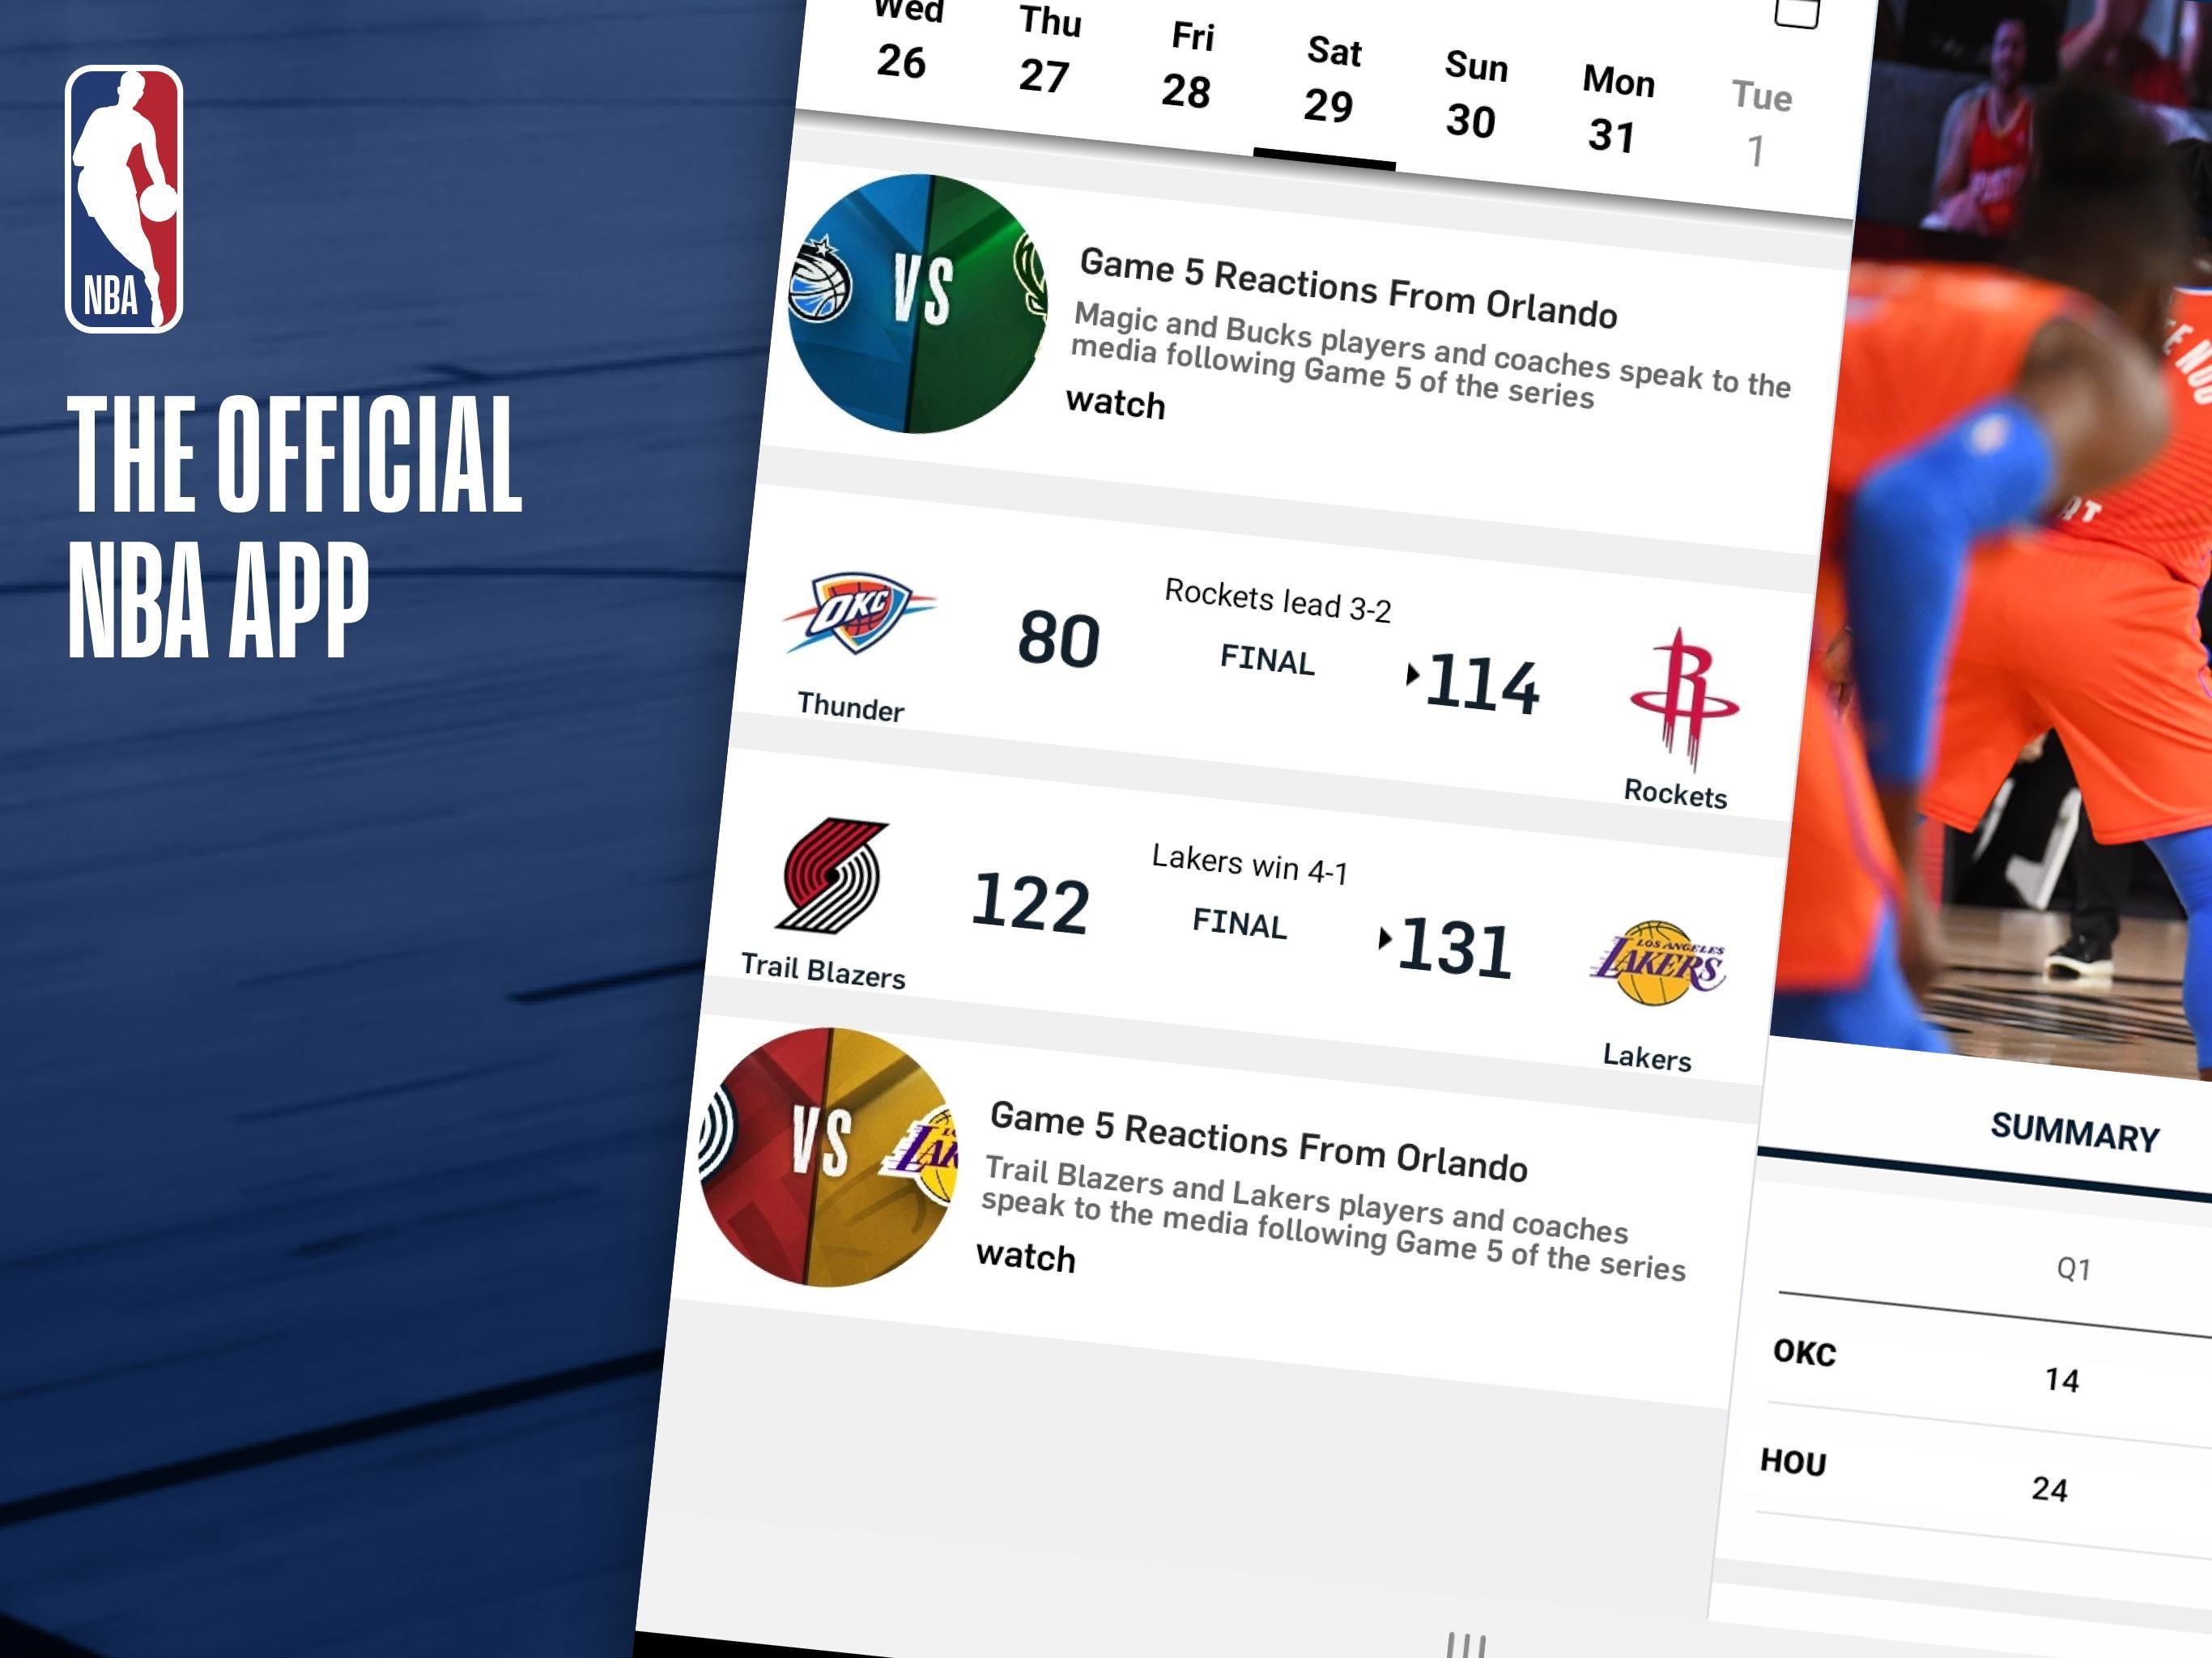 NBA Live Games & Scores 10.1103 Screenshot 12